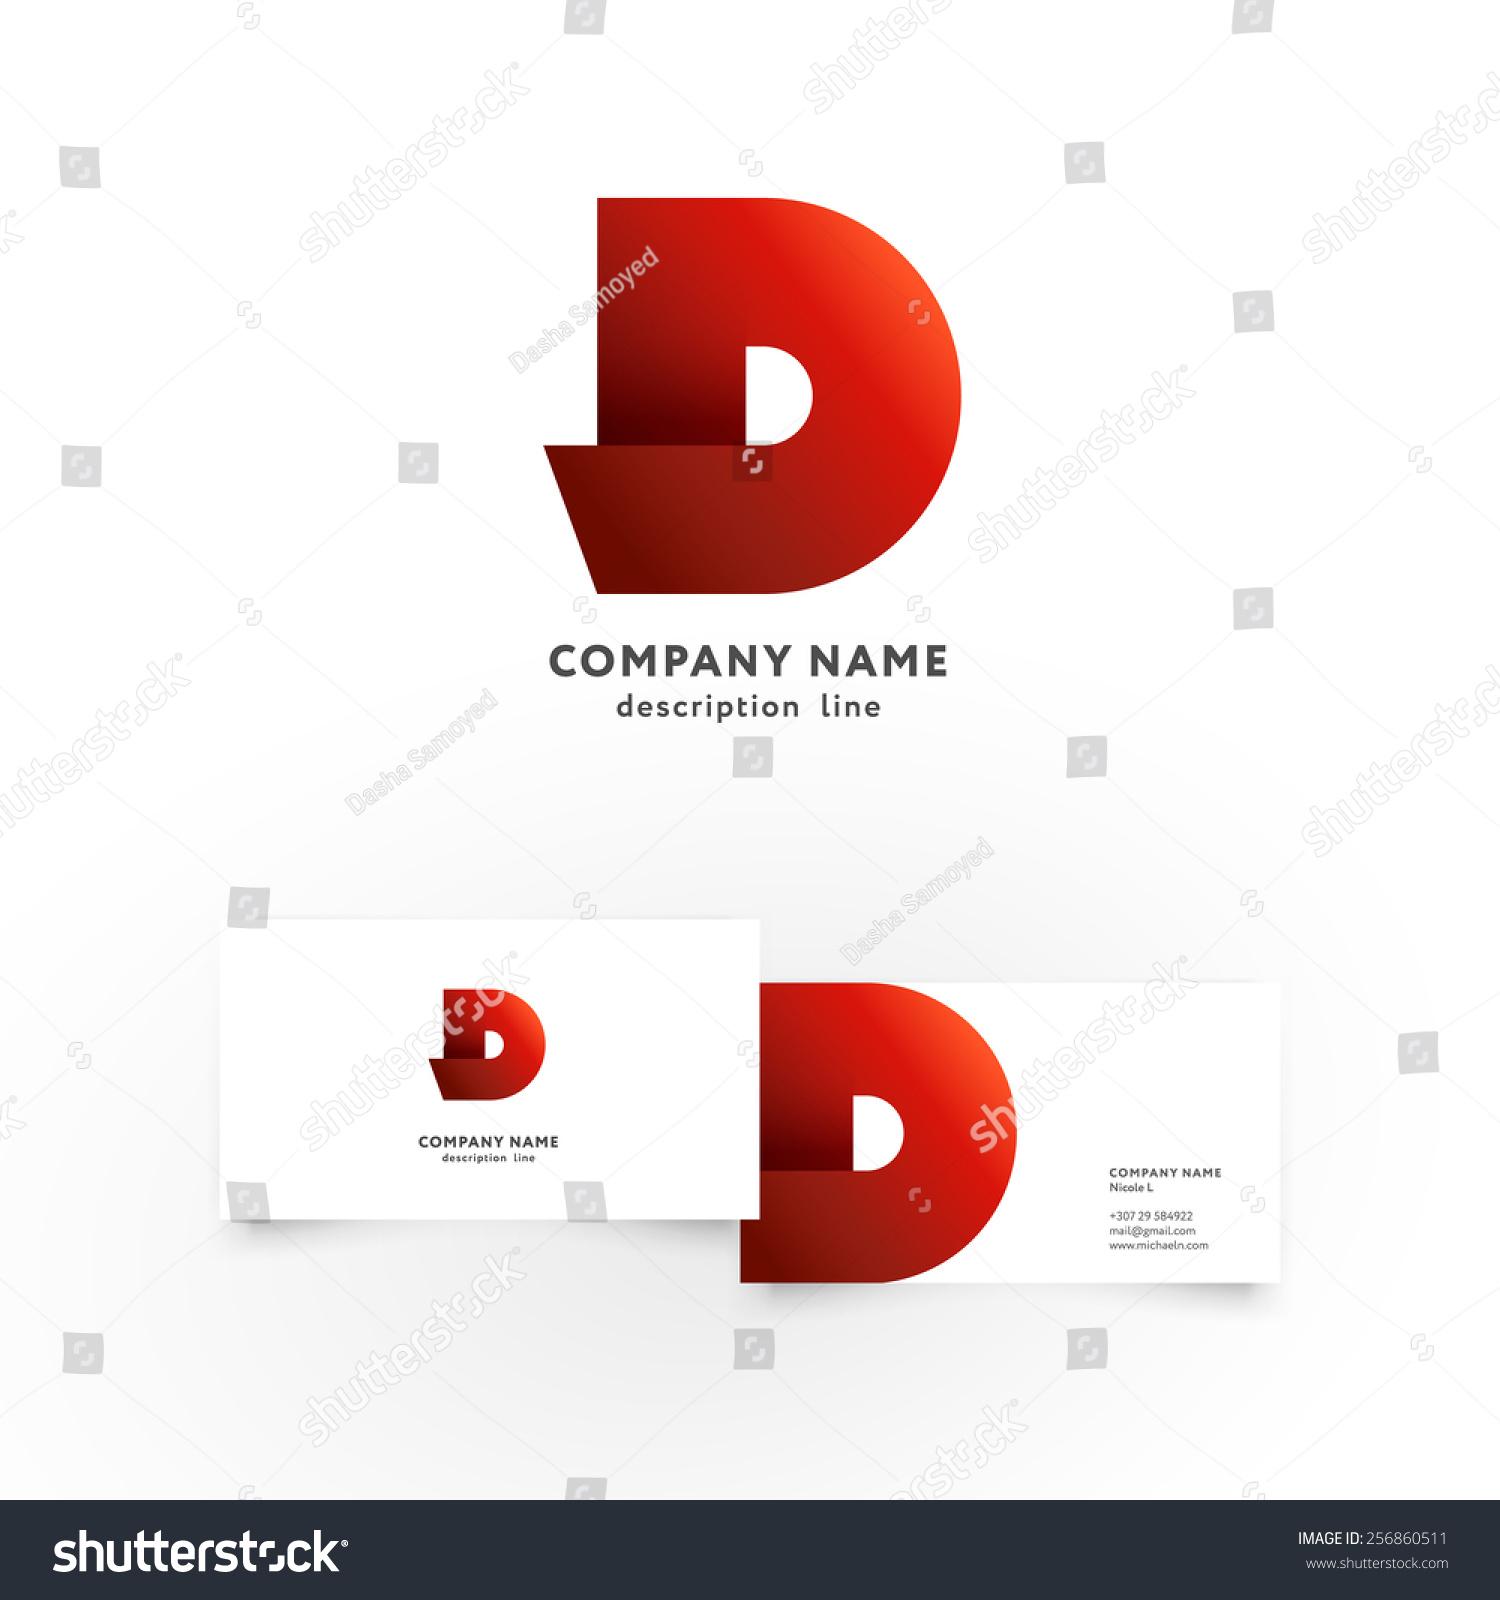 Modern Icon Design D Letter Shape Stock Vector 256860511 - Shutterstock